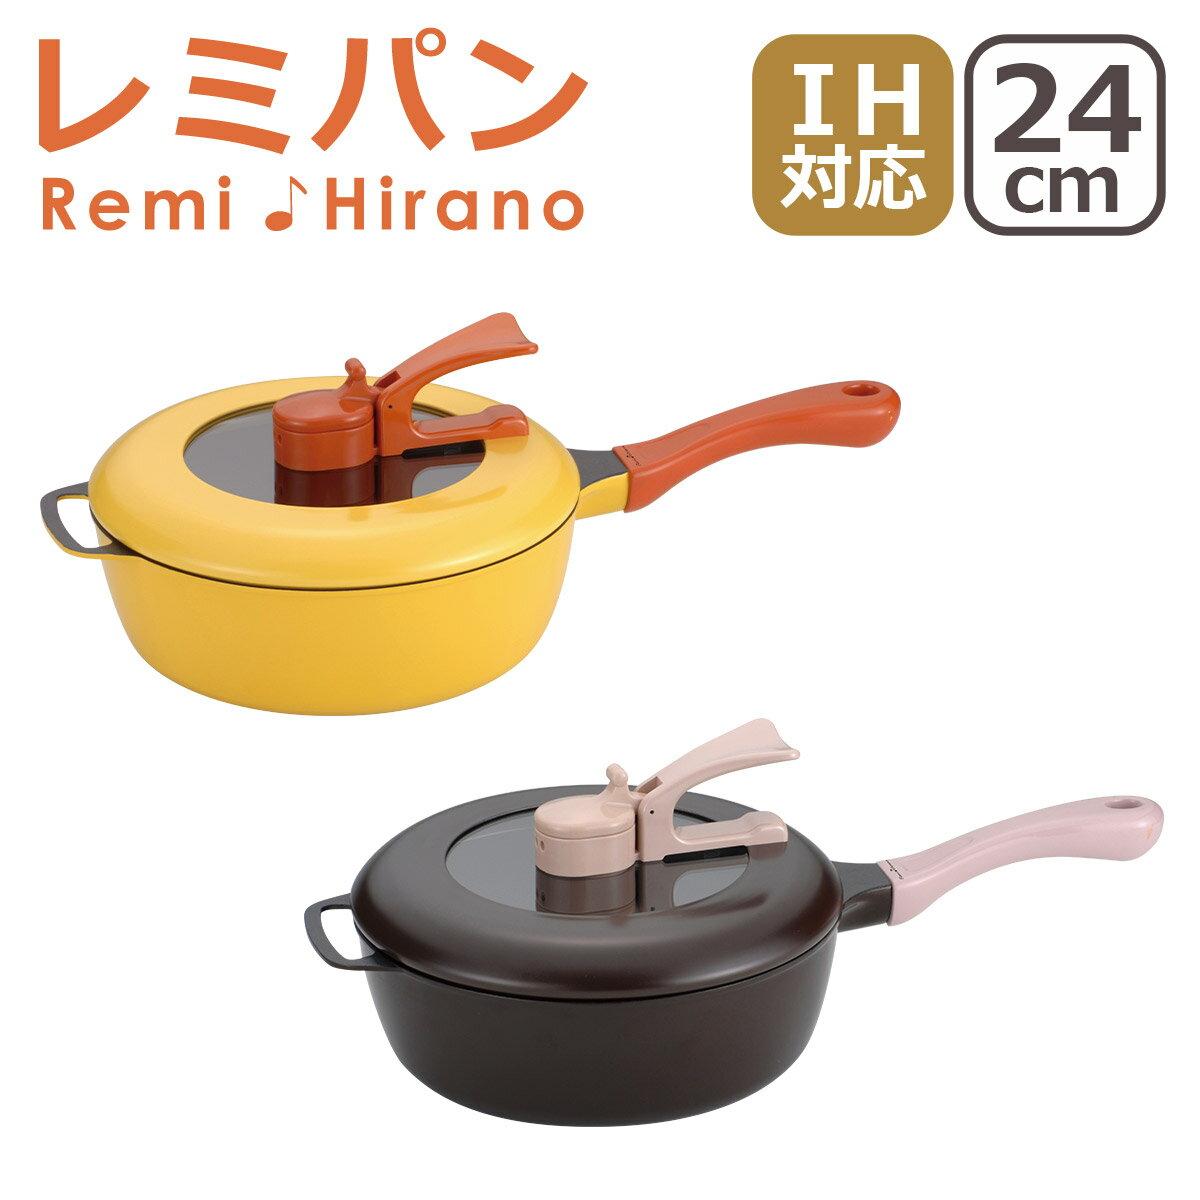 鍋, 親子鍋 15 24cm IH Remi Hirano